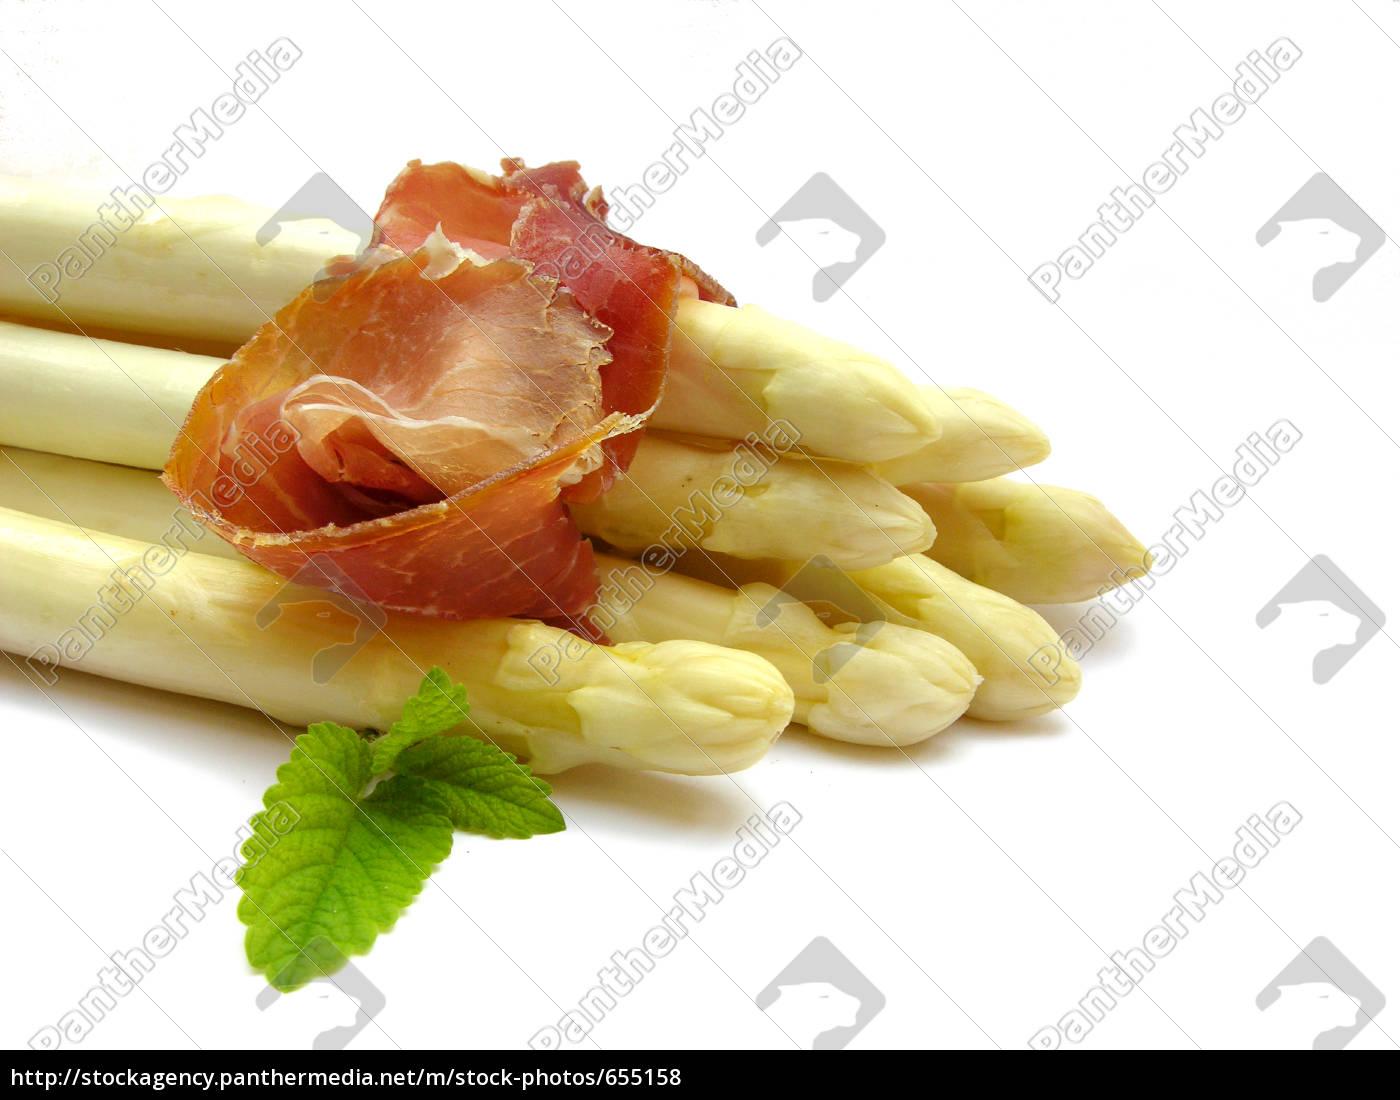 asparagus, duet, 2 - 655158